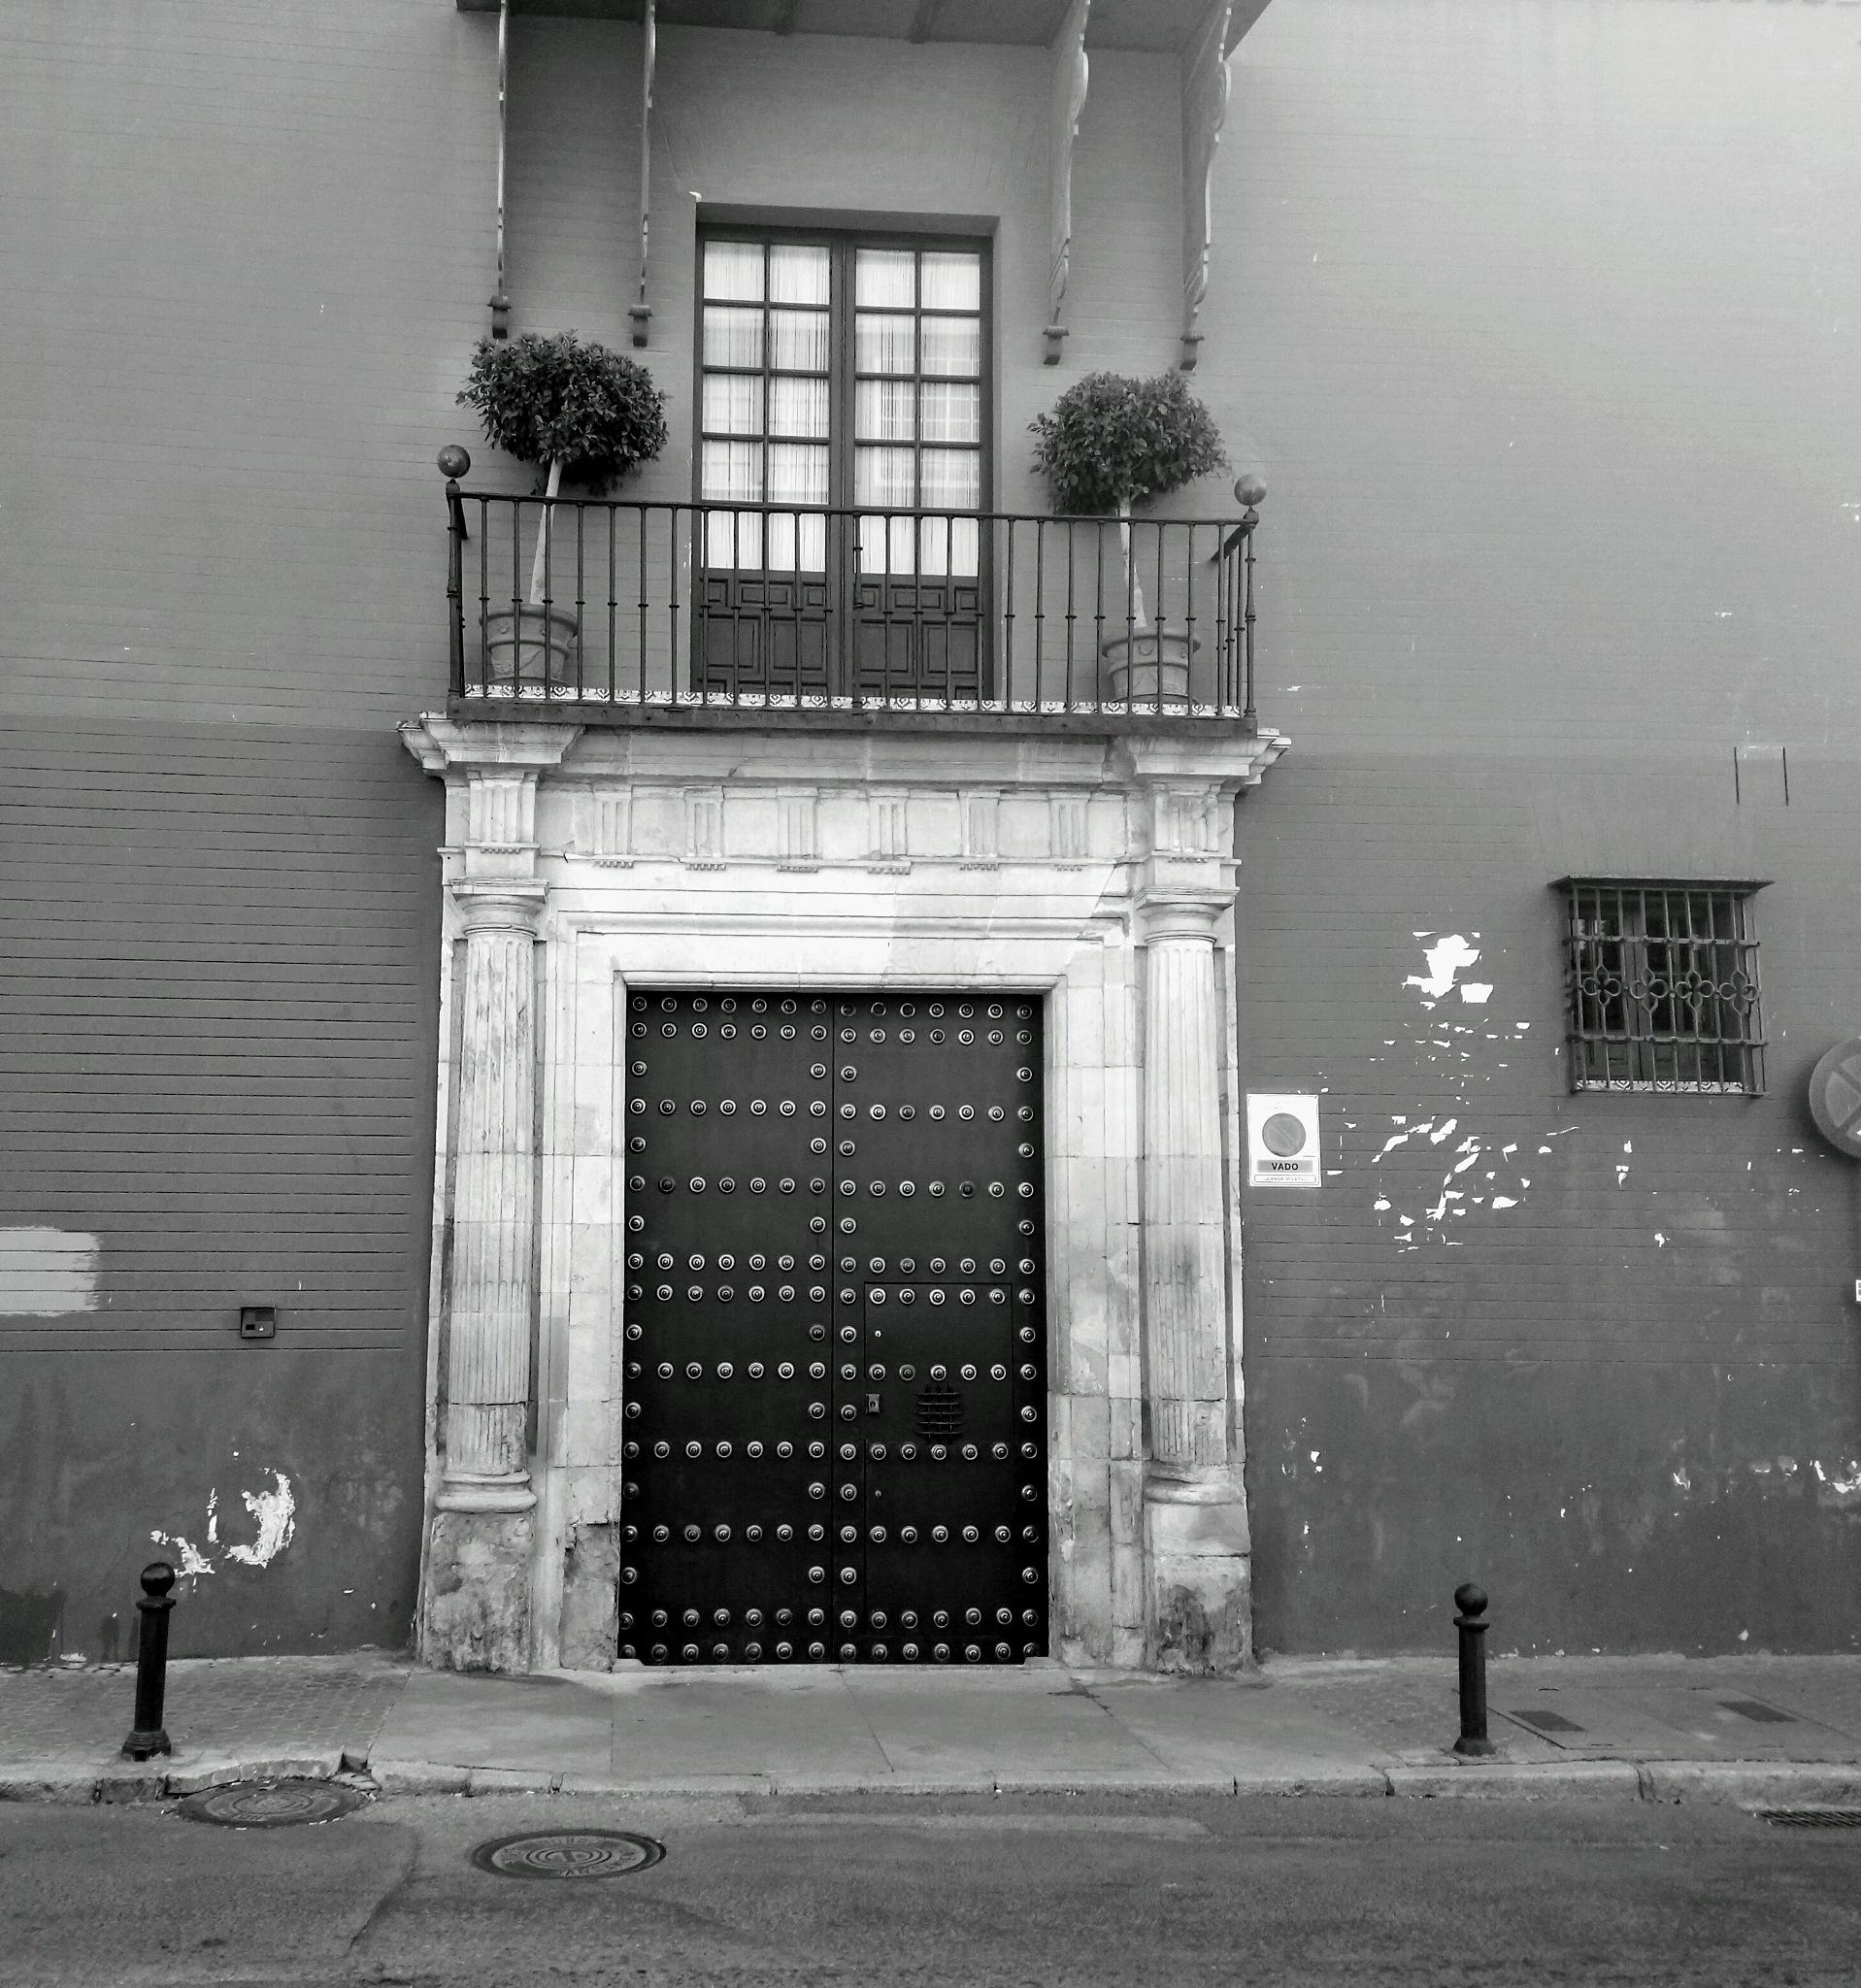 Antiguo edificio  by Pura